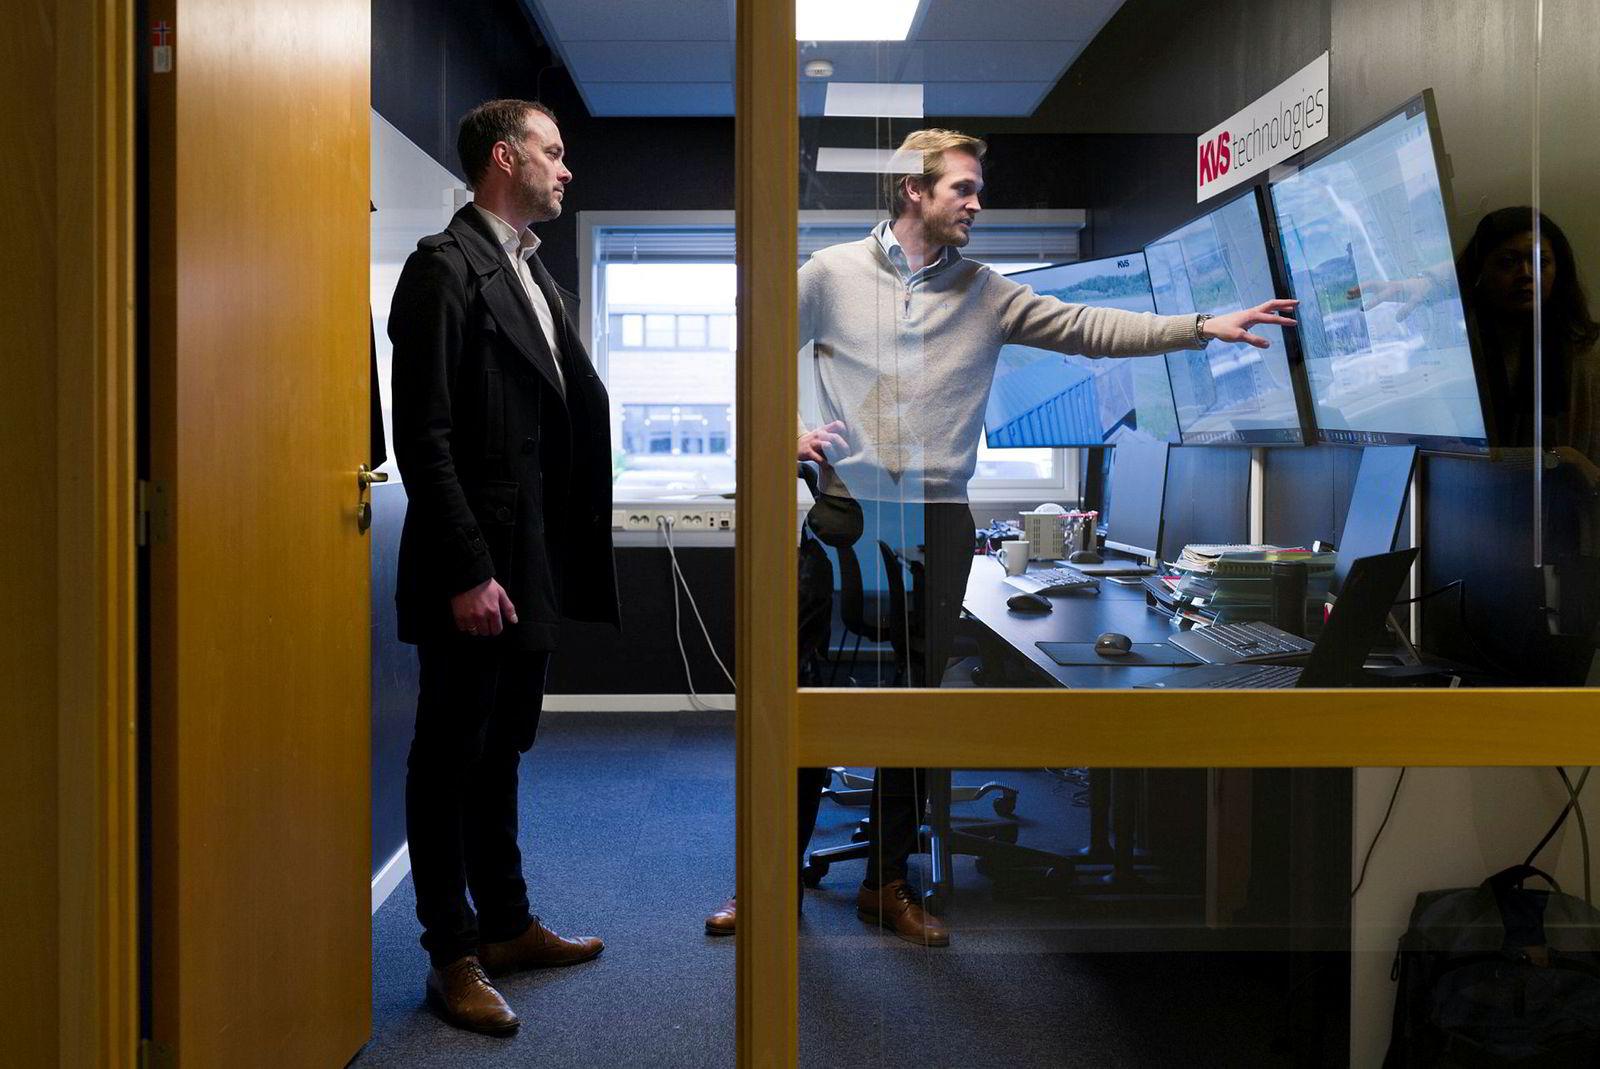 Cato Vevatne, daglig leder i KVS Technologies (til høyre), viser frem kontrollrommet til Arild Haugen direktør for nettdrift i Hafslund.